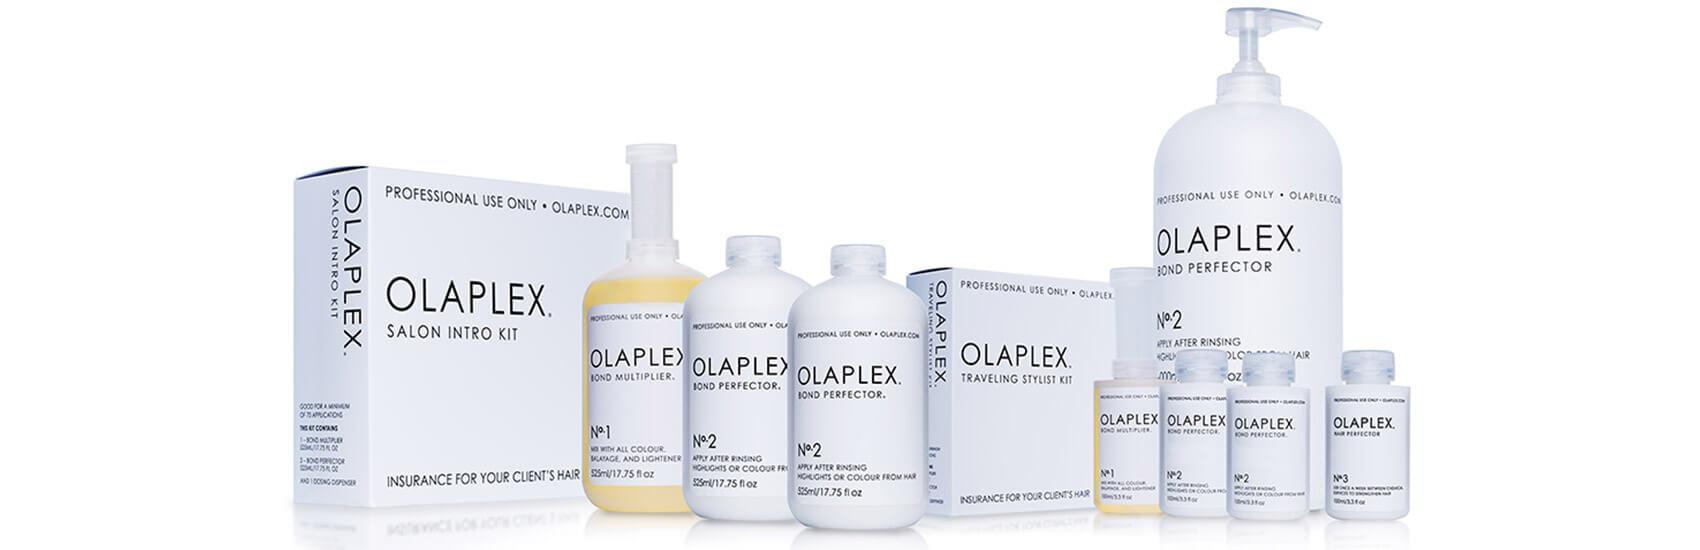 olaplex_produktuebersicht